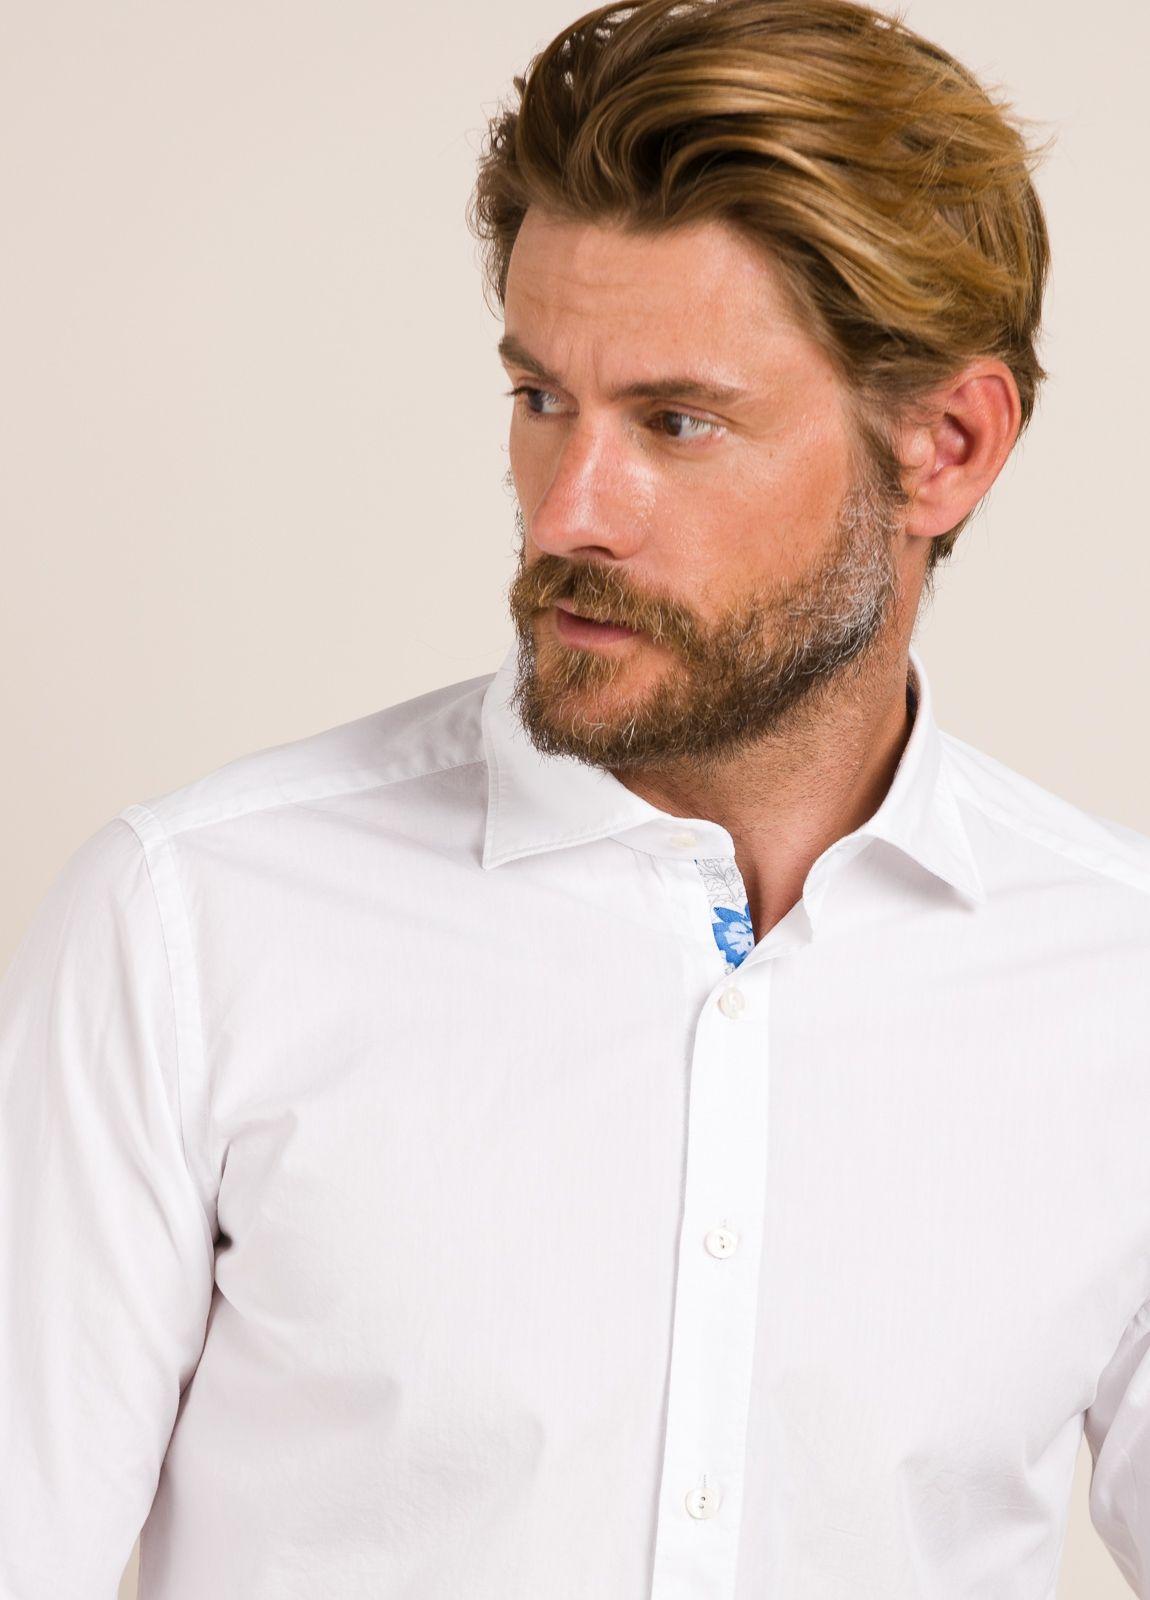 Camisa sport TINTORIA MATEI blanco - Ítem2